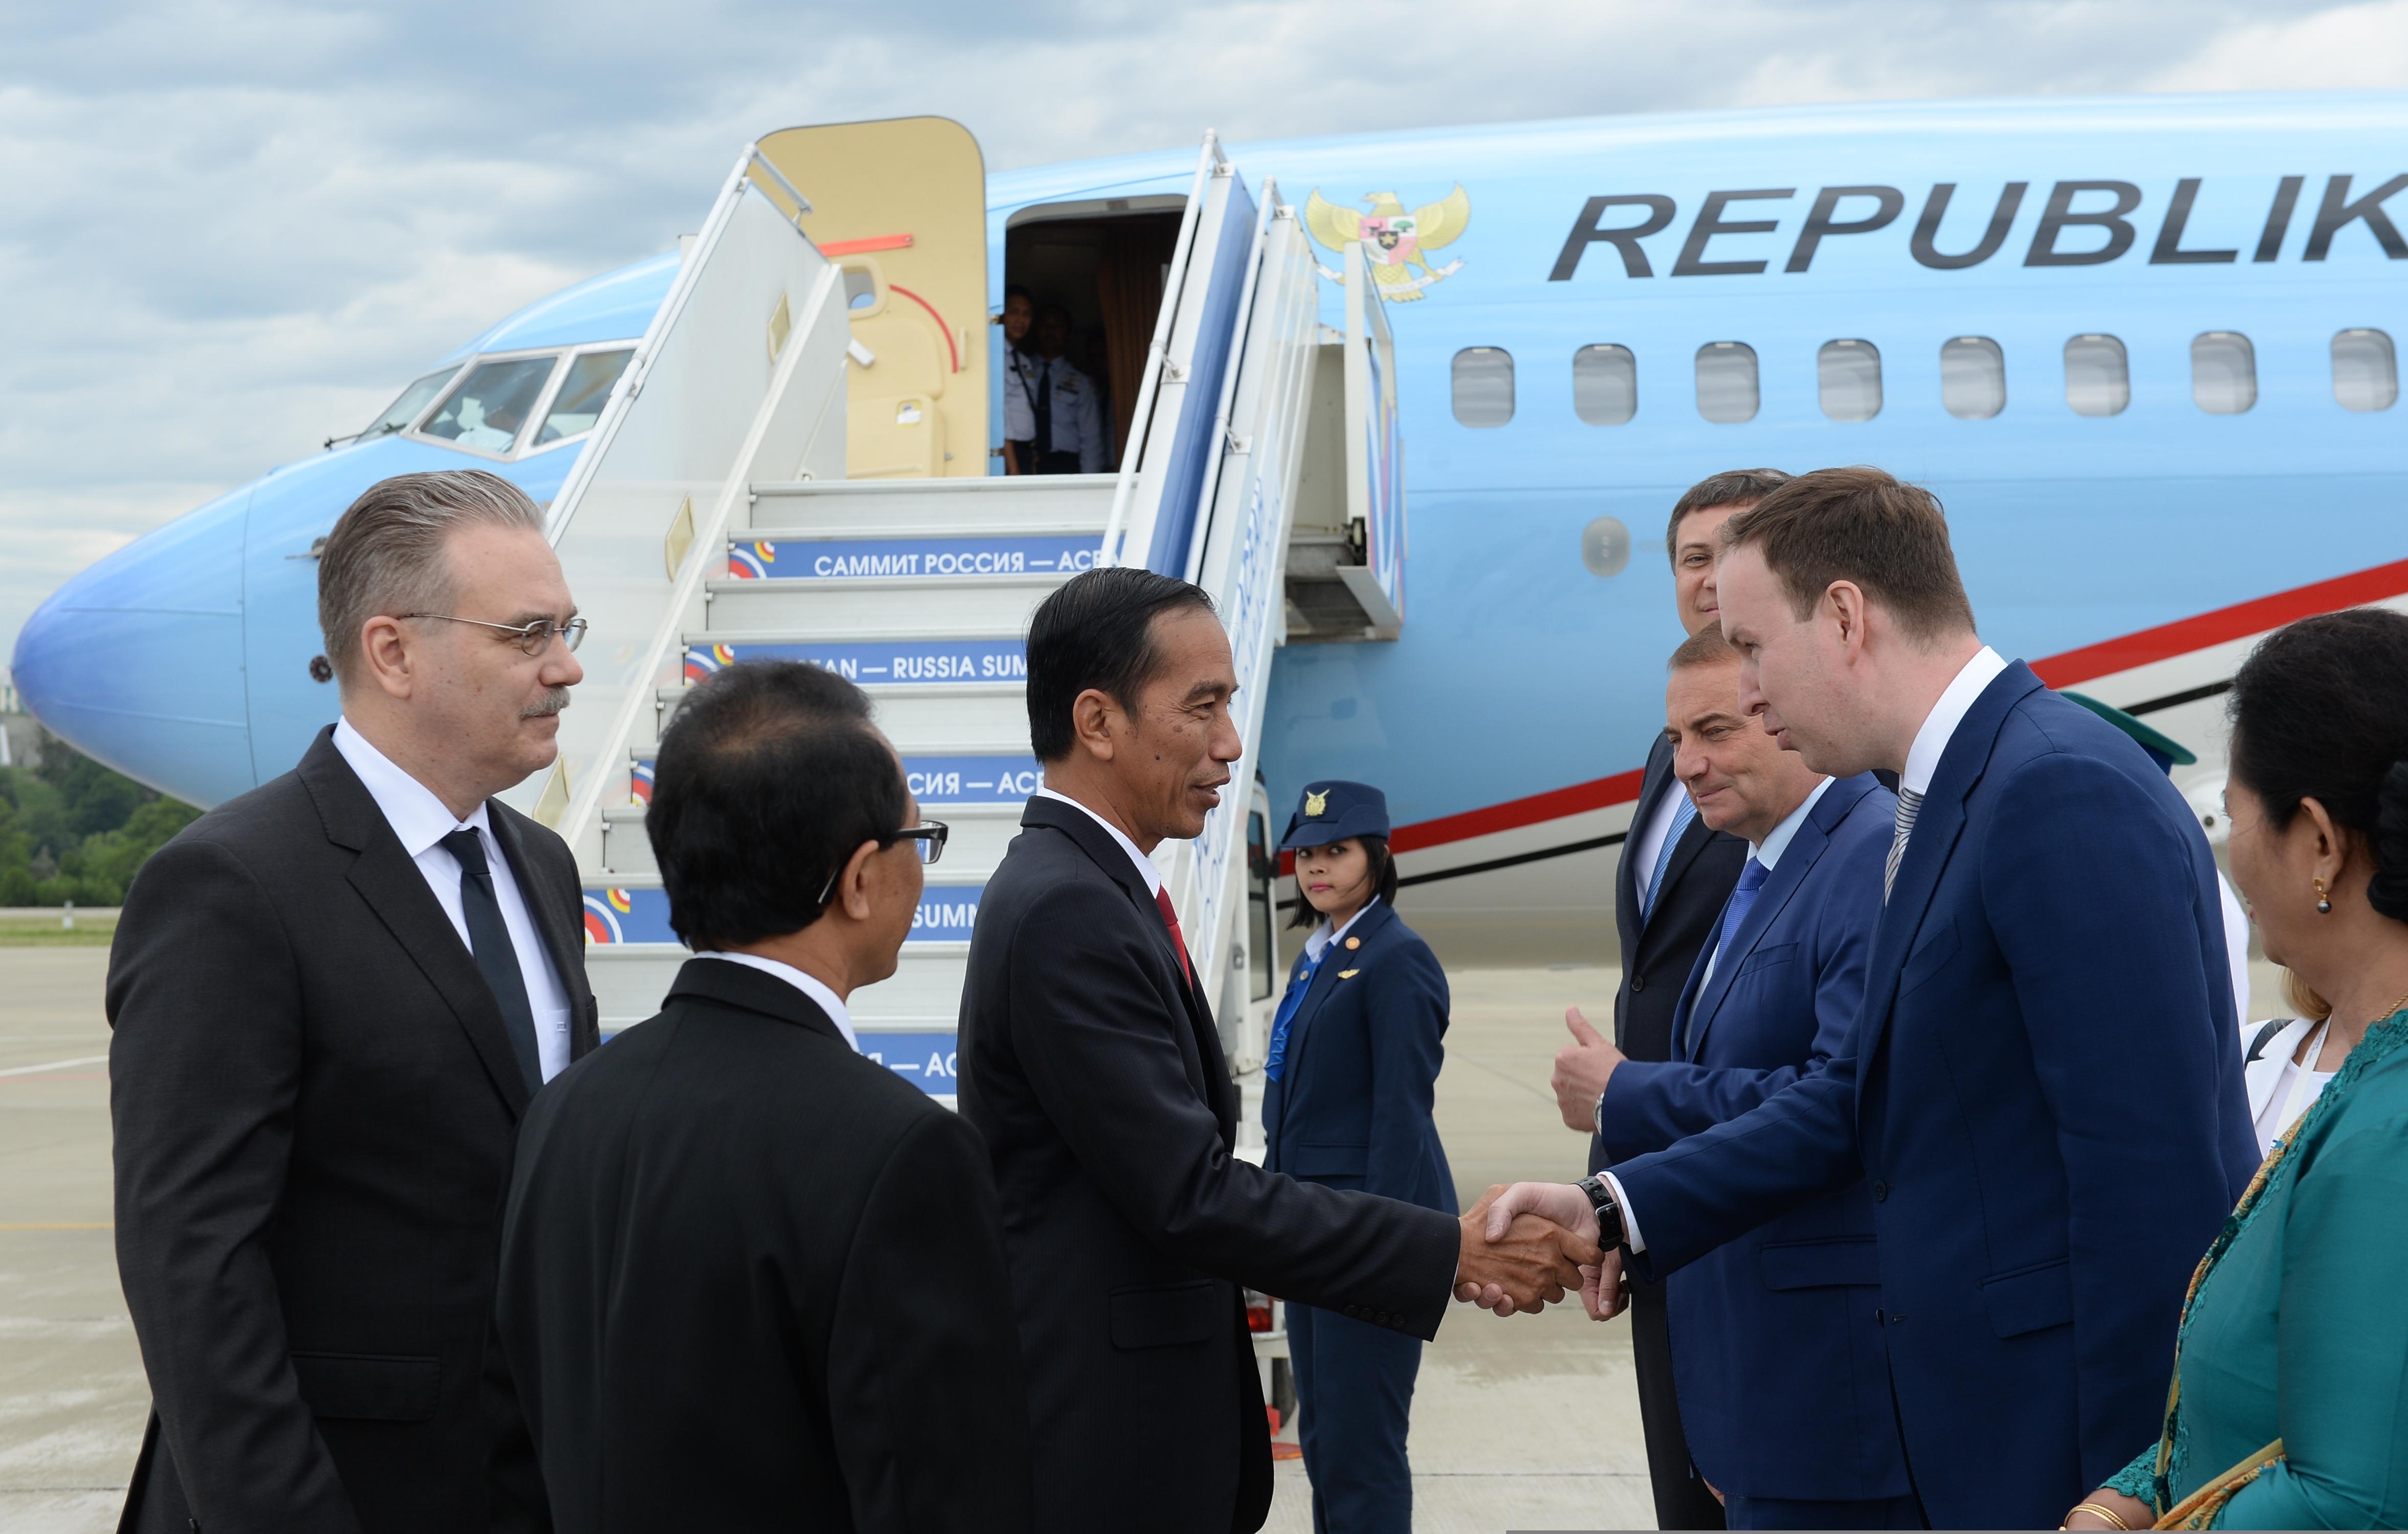 Presiden RI Tiba di Sochi, Siap Hadiri Pertemuan Bilateral dengan Putin